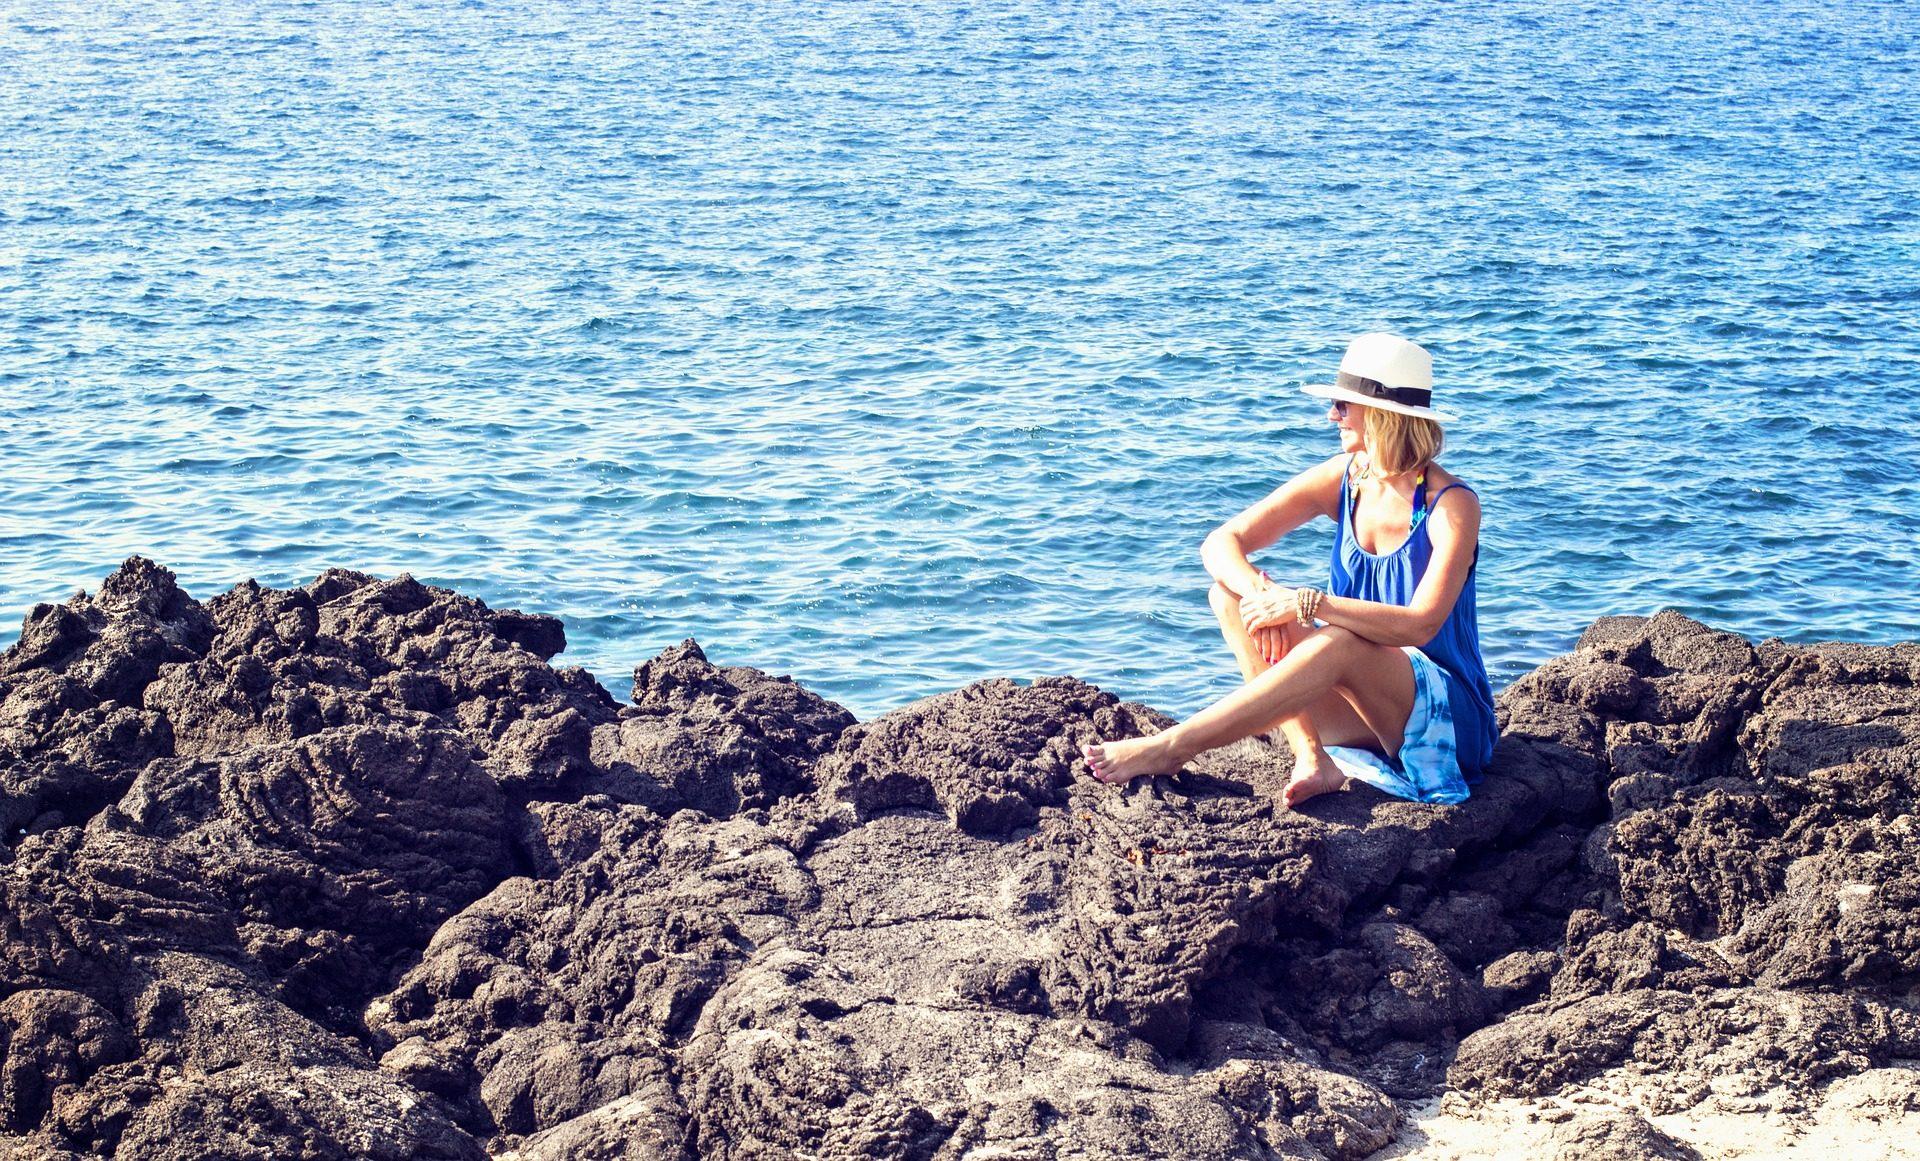 γυναίκα, πέτρες, Παραλία, espigón, Θάλασσα, νερό - Wallpapers HD - Professor-falken.com